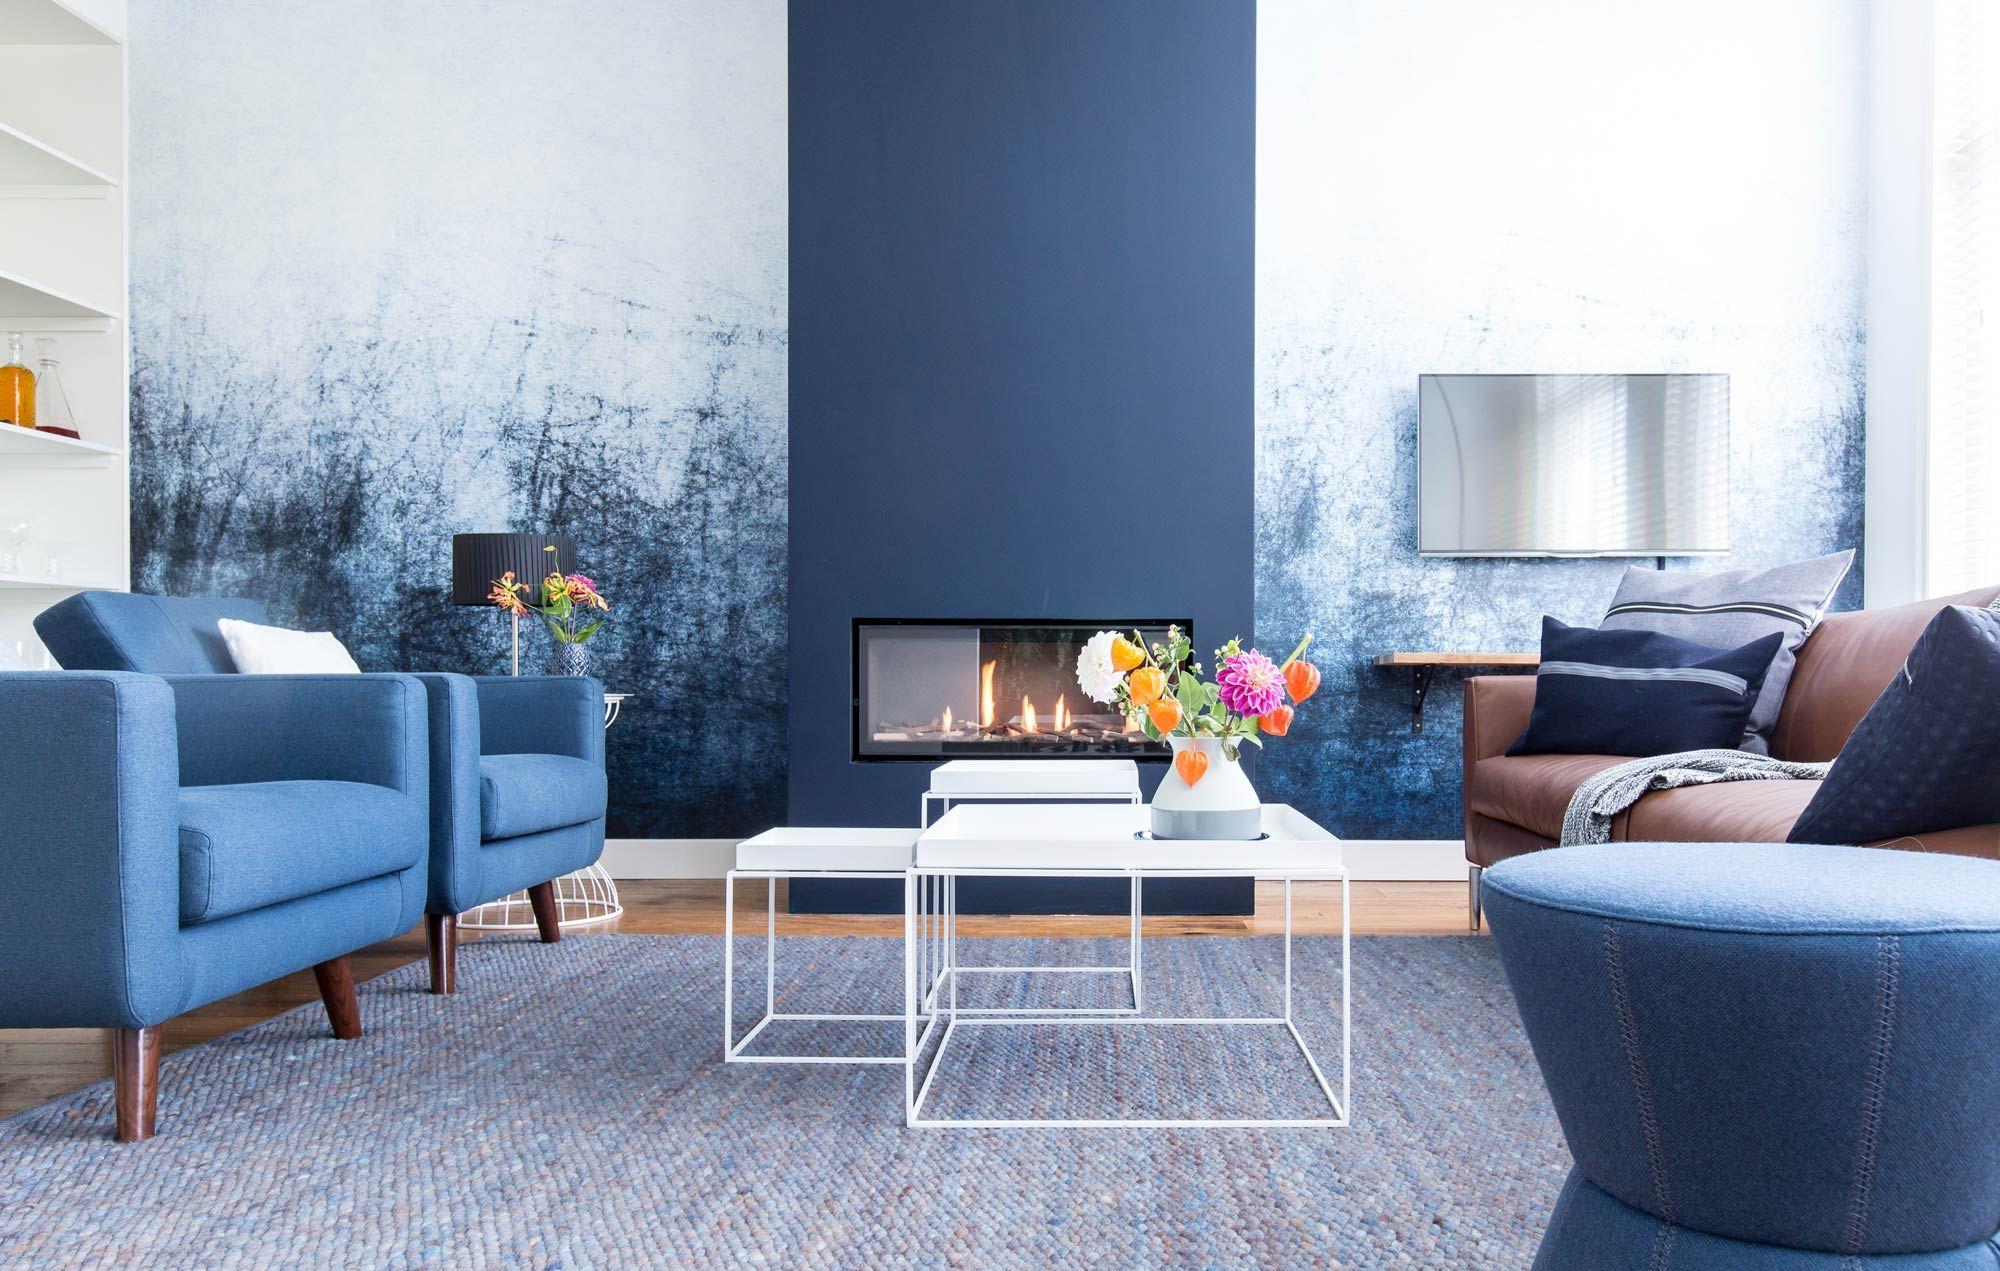 woonkamer blauw vt wonen weer verliefd op je huis 251015